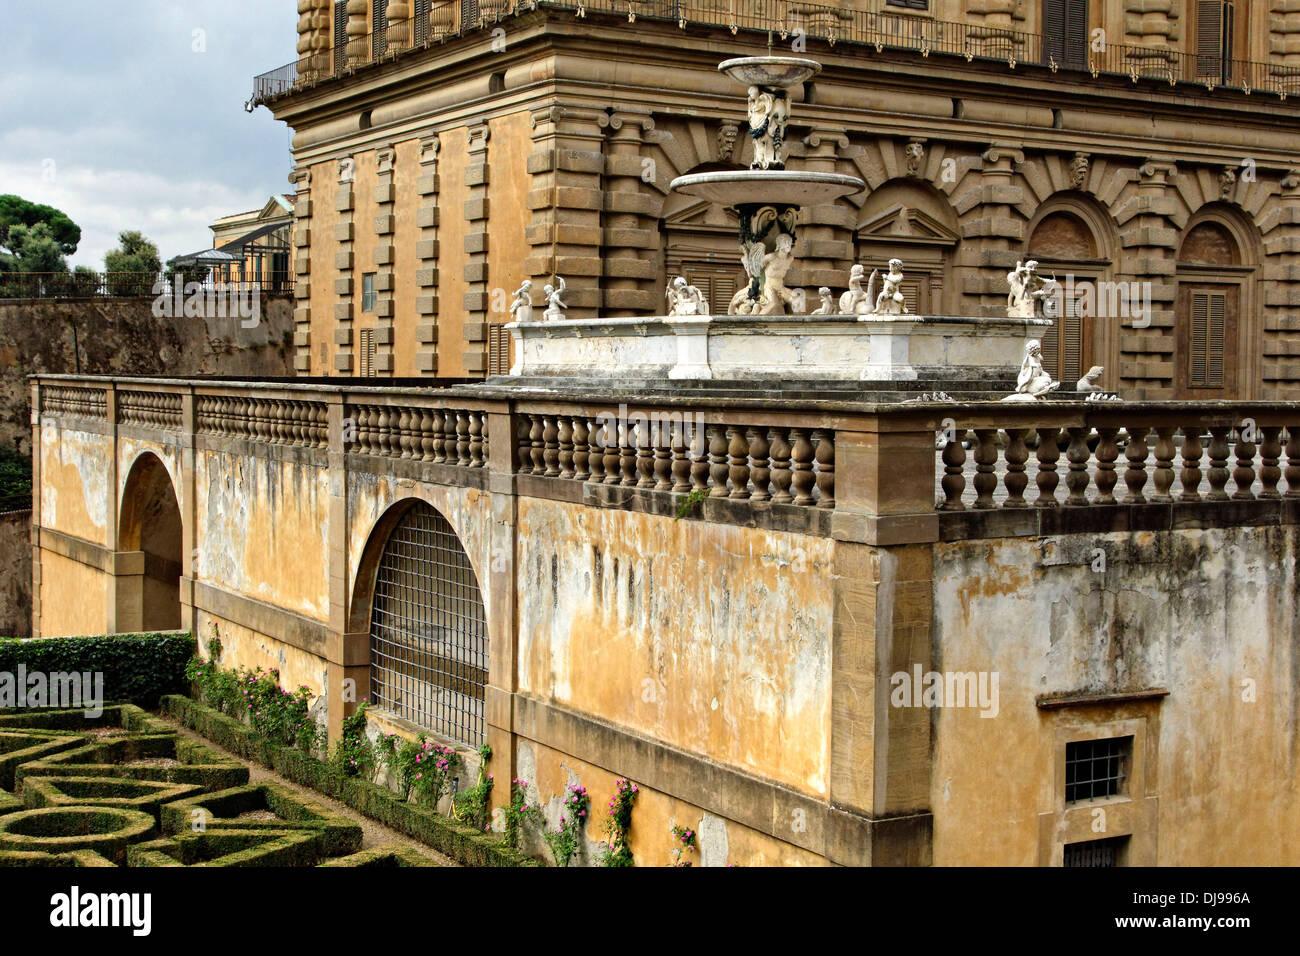 Palazzo pitti florence stock photos palazzo pitti for Palazzo pitti